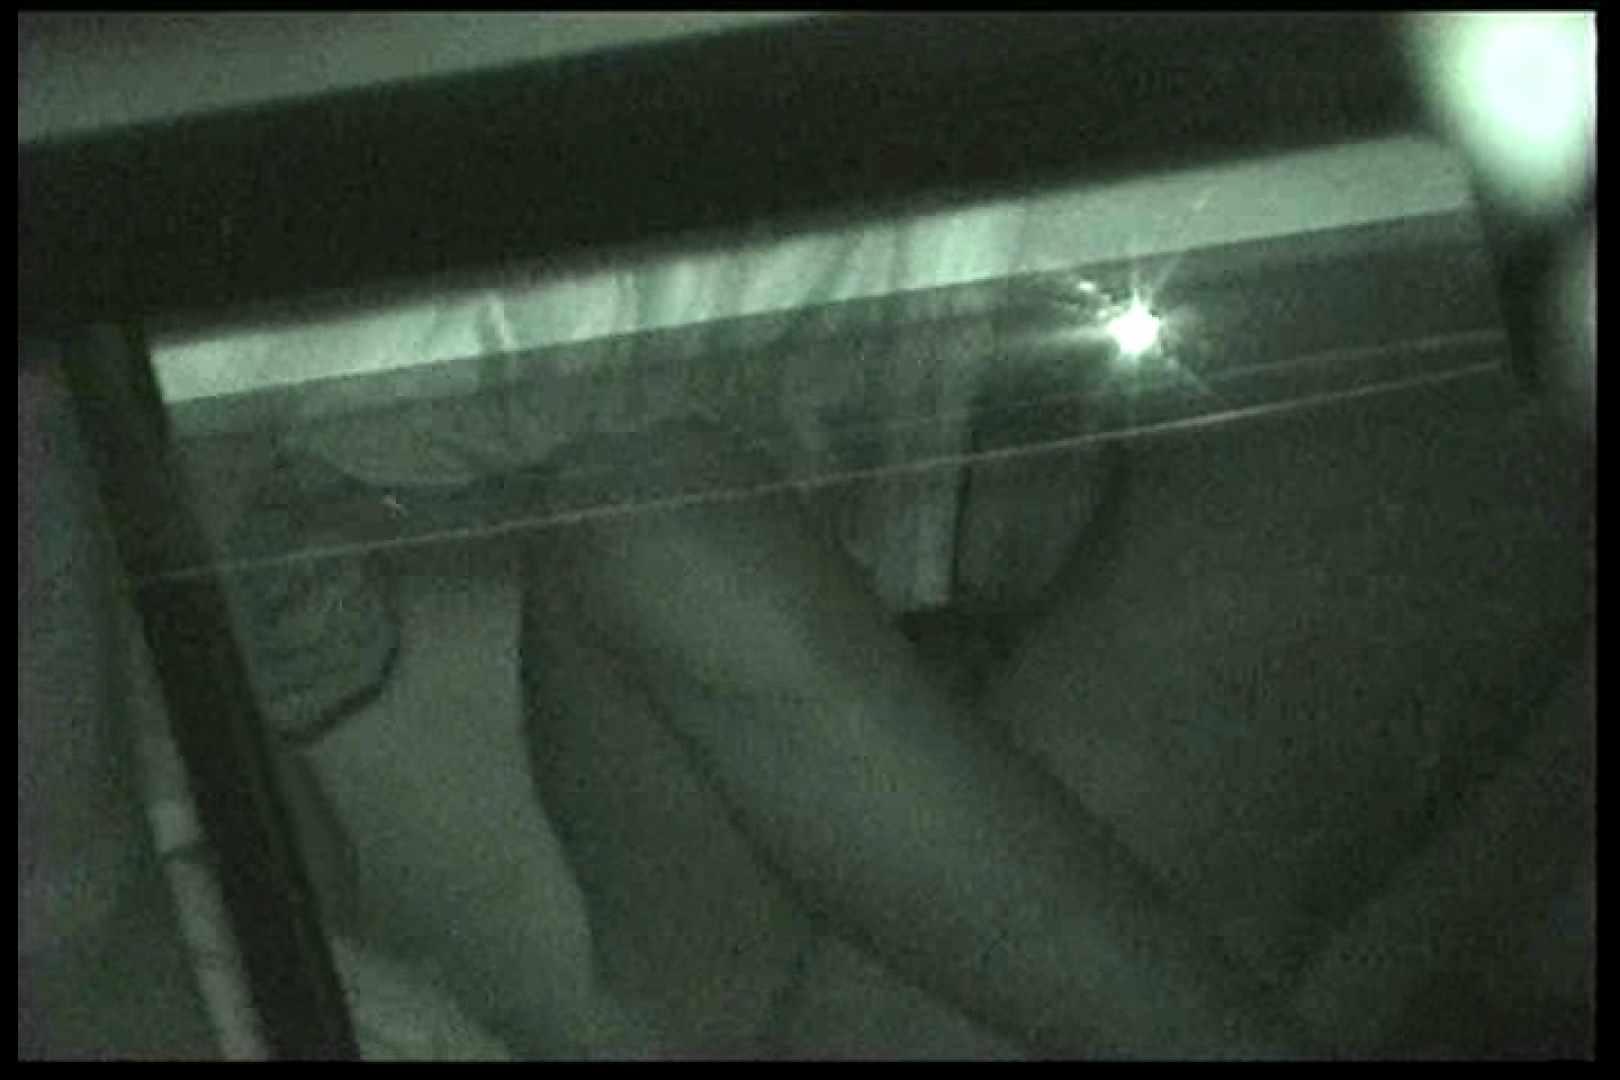 車の中はラブホテル 無修正版  Vol.13 赤外線 スケベ動画紹介 80連発 29